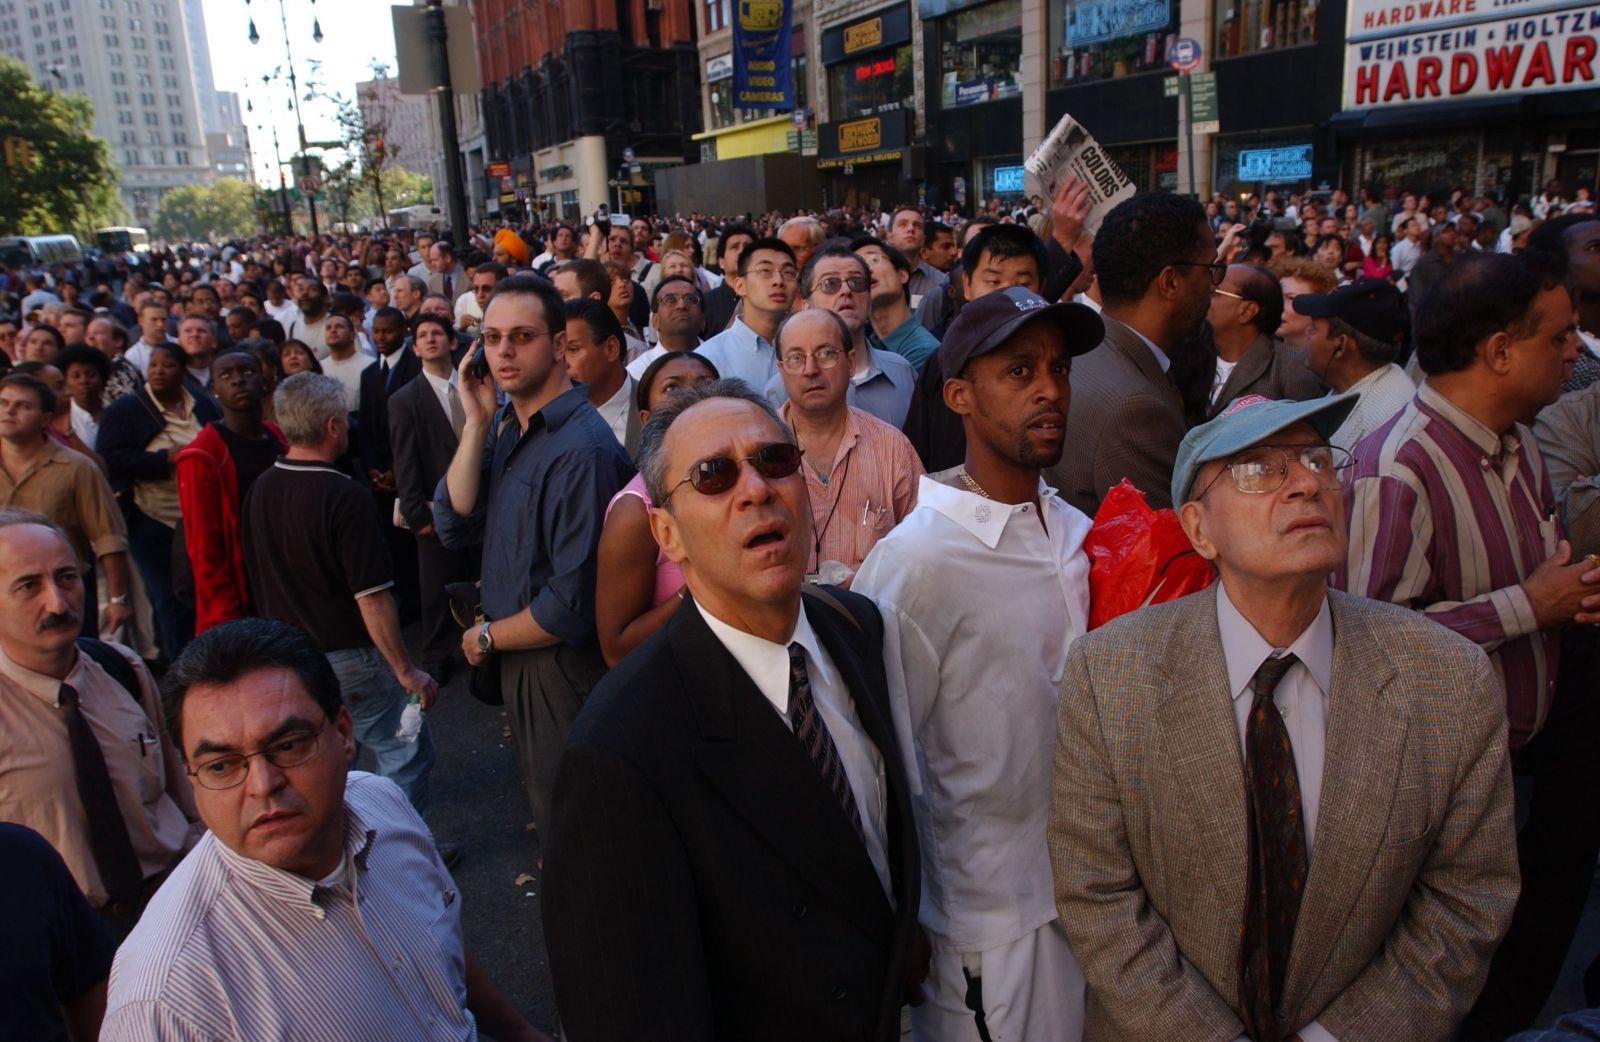 Přerušujeme vysílání. TV a přetížený internet informovali o útocích 11. září 2001 jen chvíli po tragédii, svět dodnes vzpomíná